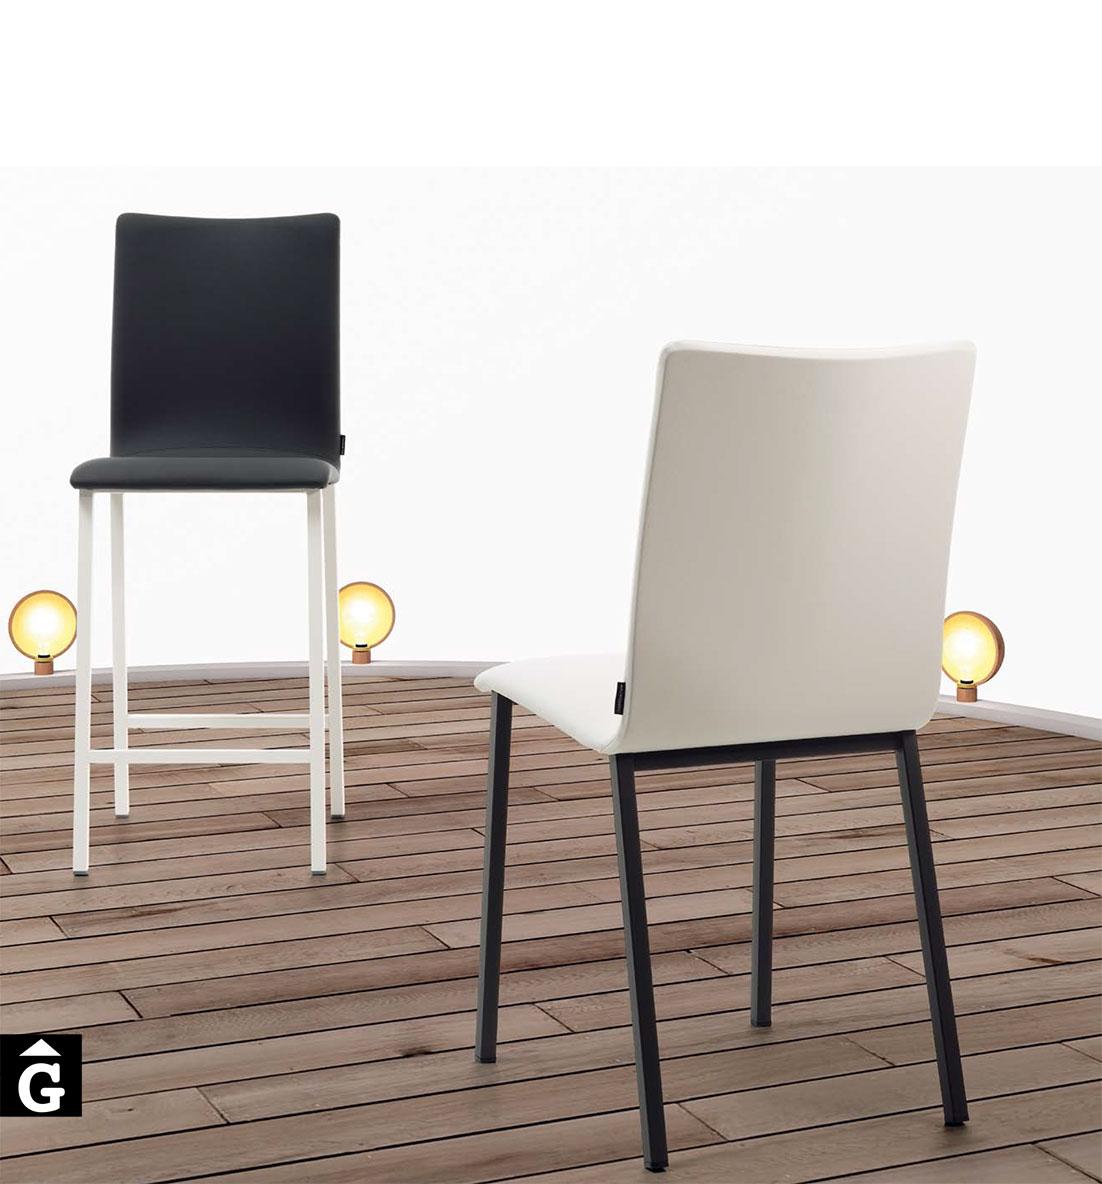 Siero cadira lleugera a la vista i molt forta pel seus diari si es vol - Cadira barcelona ...